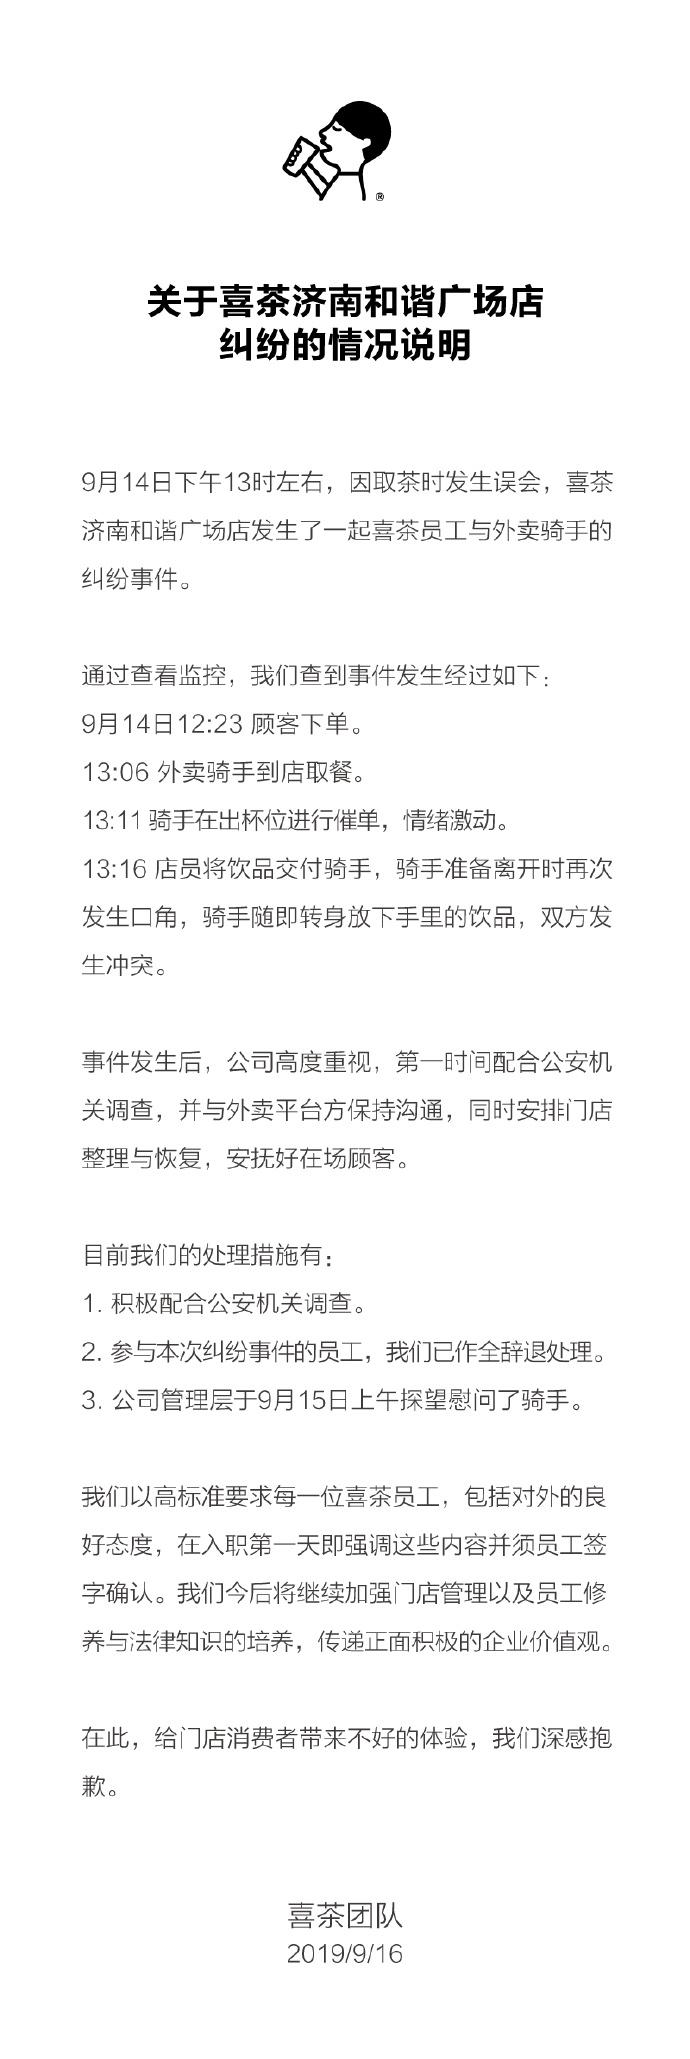 http://www.shangoudaohang.com/wuliu/208493.html